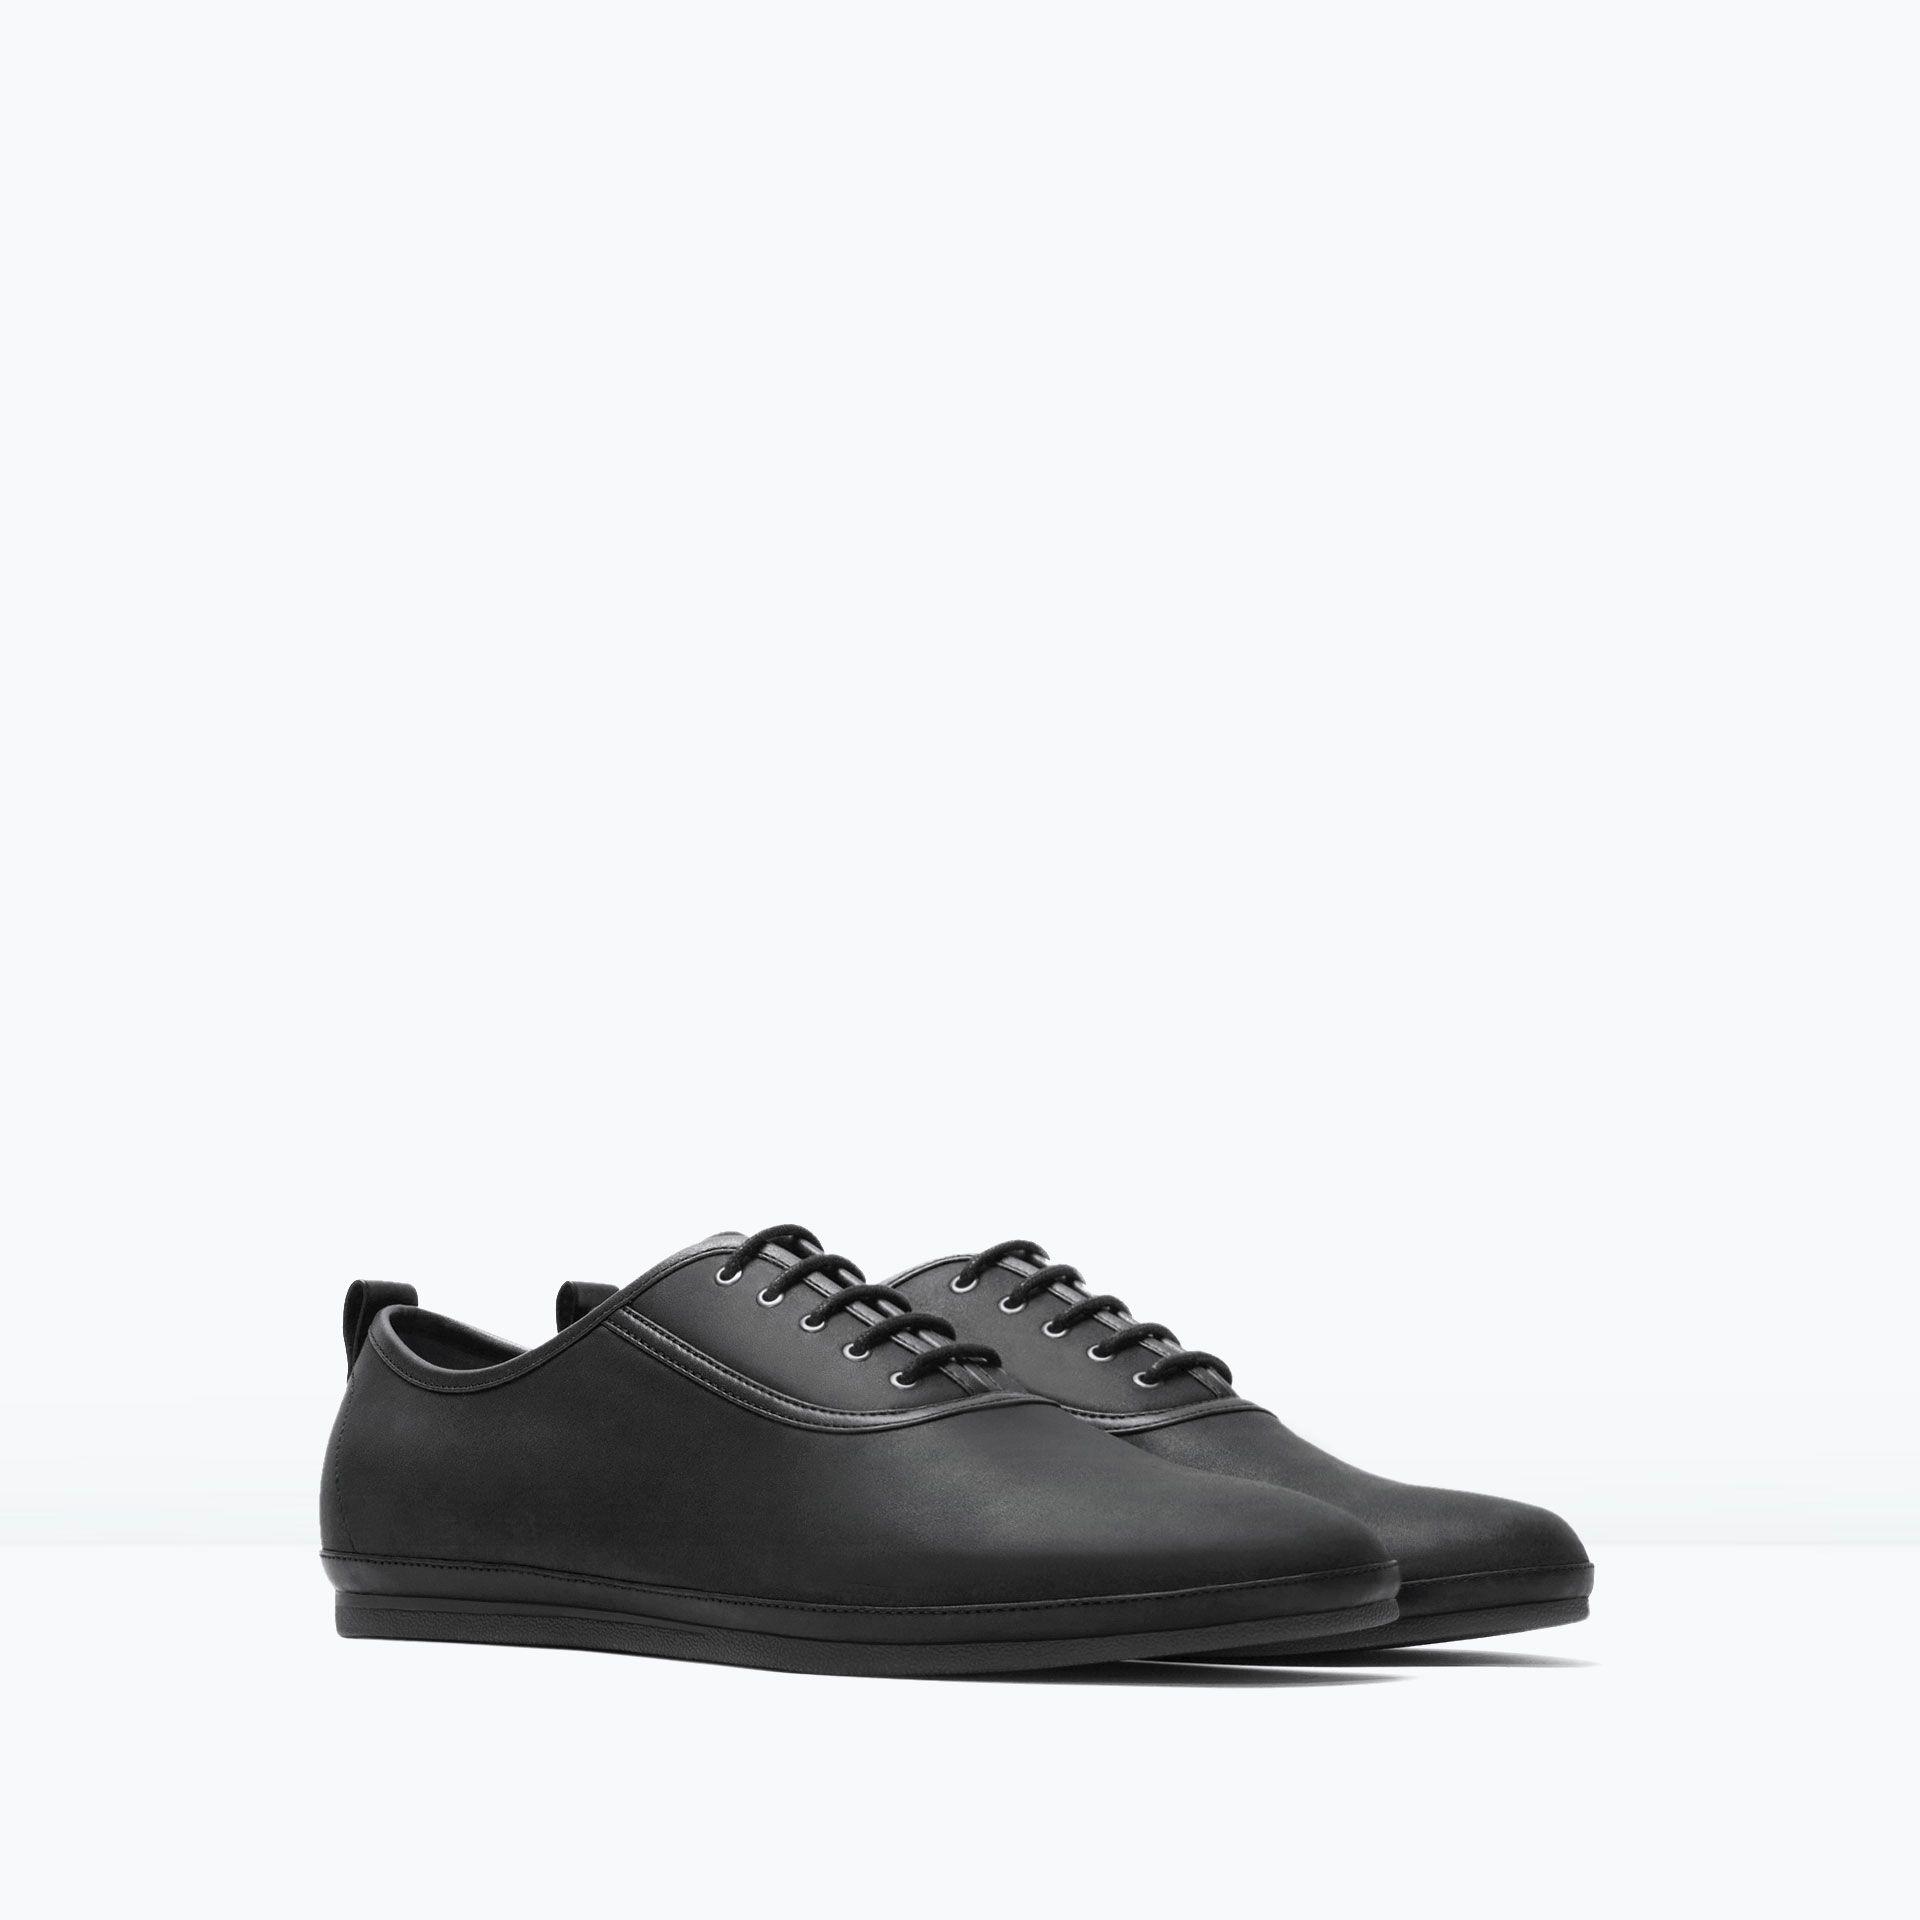 Zara Black City Shoe